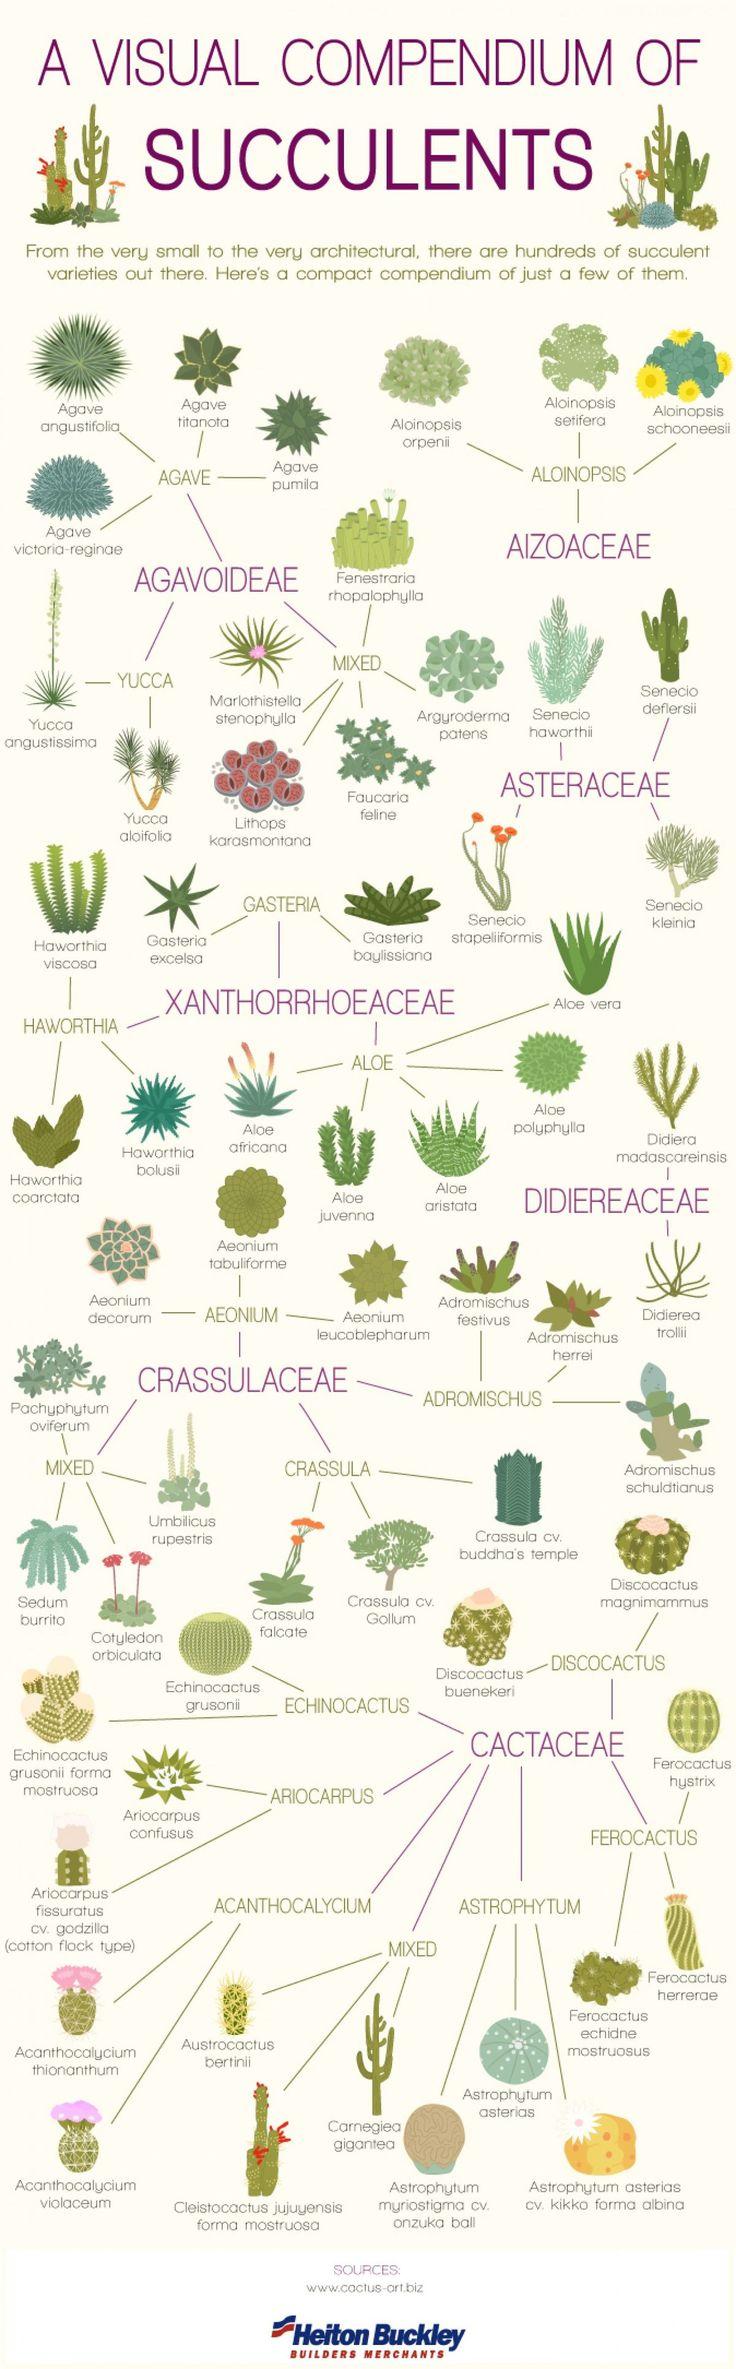 Superb visual #succulent guide.